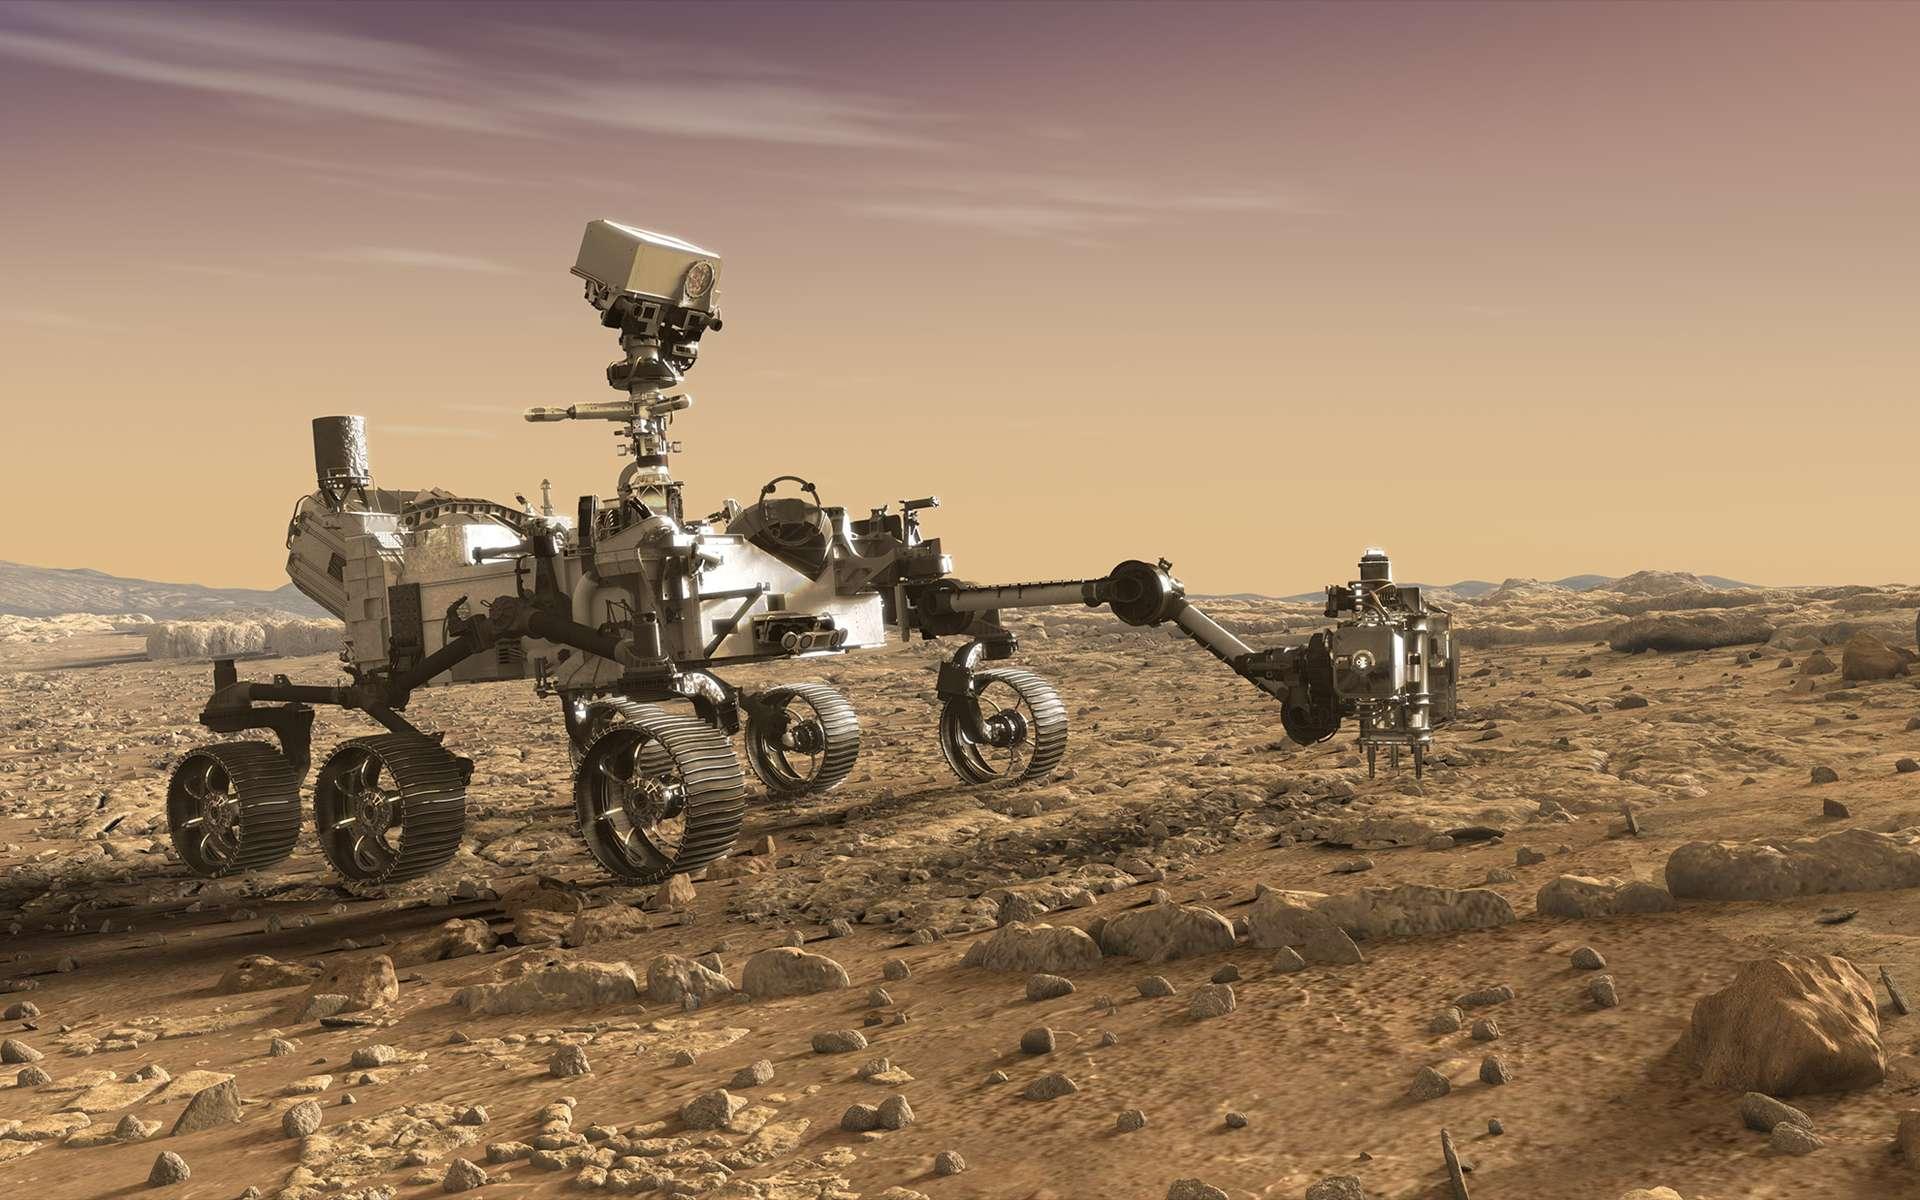 C'est avec le rover Mars 2020 que débutera la mission de retour d'échantillons martiens. © Nasa, JPL-Caltech